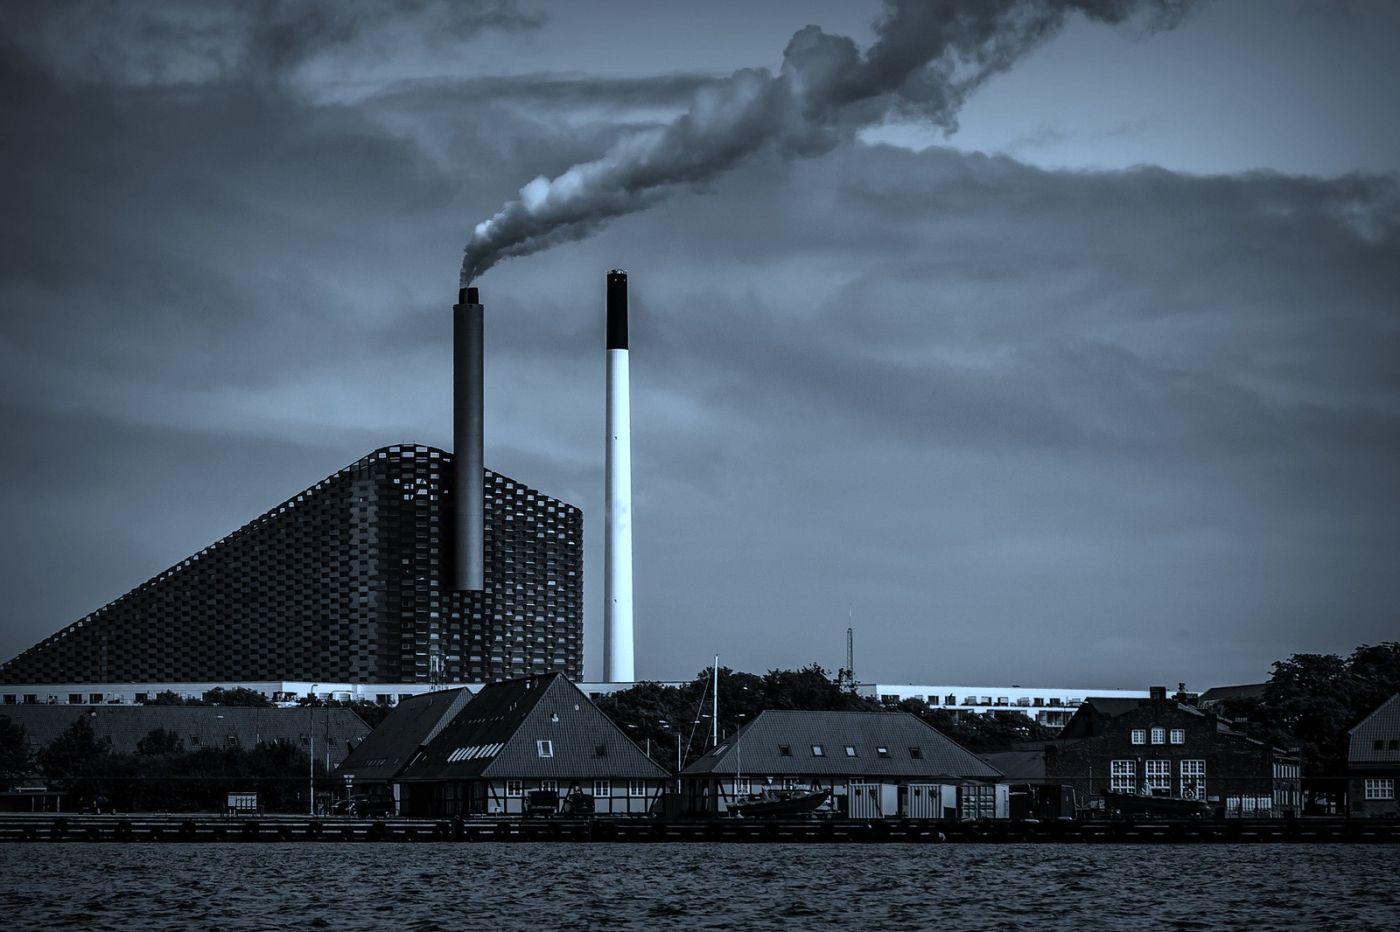 丹麦哥本哈根,坐船看市景_图1-15